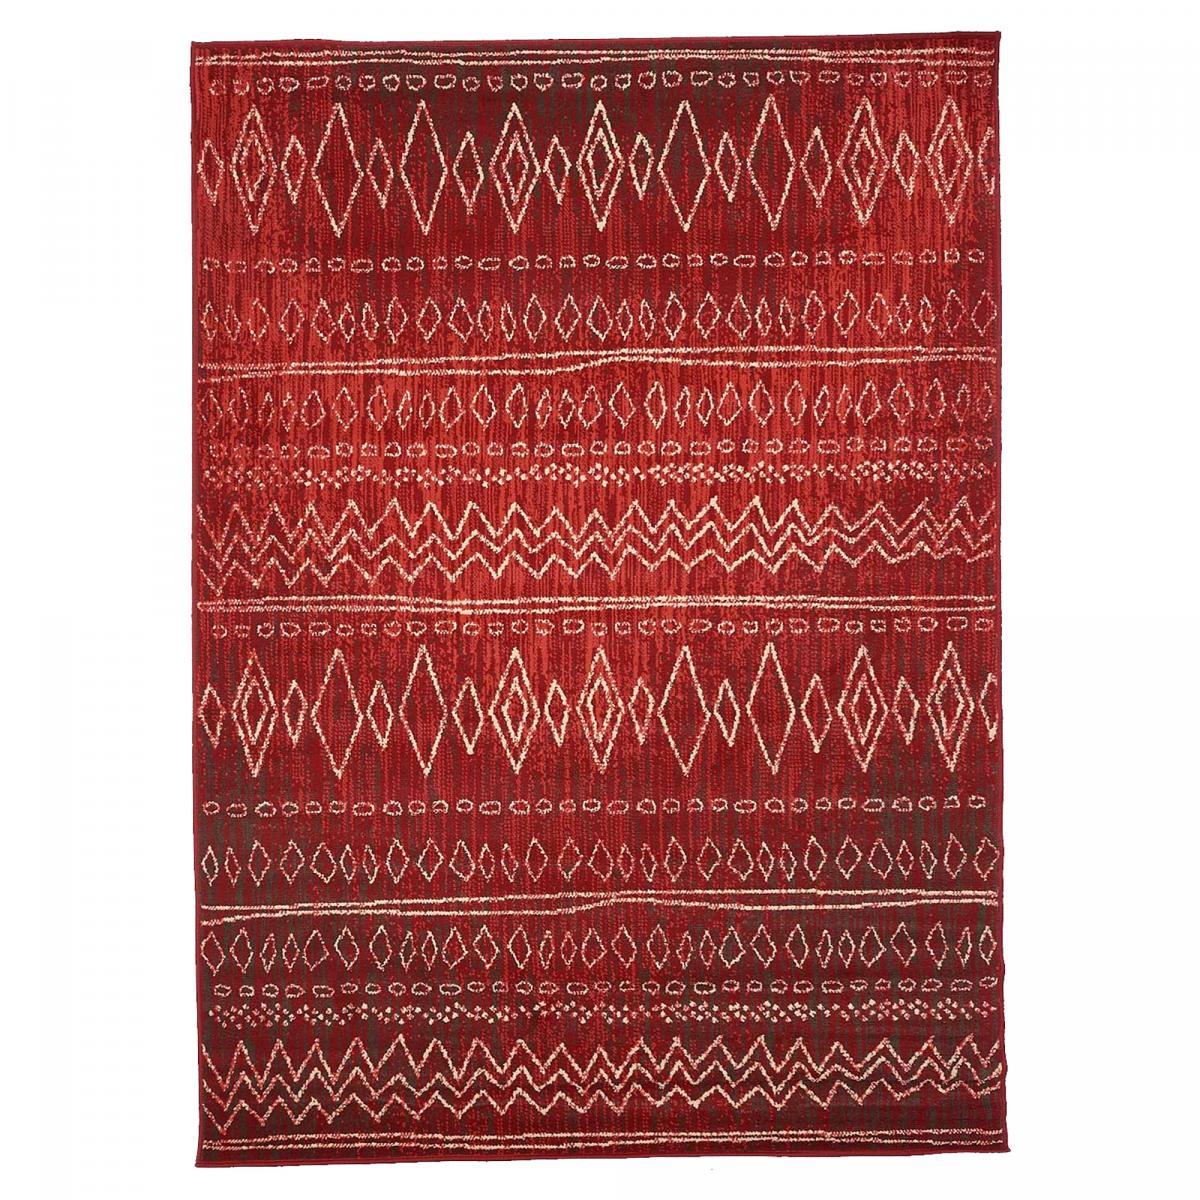 Tapis berbère style en polypropylène rouge 235x320